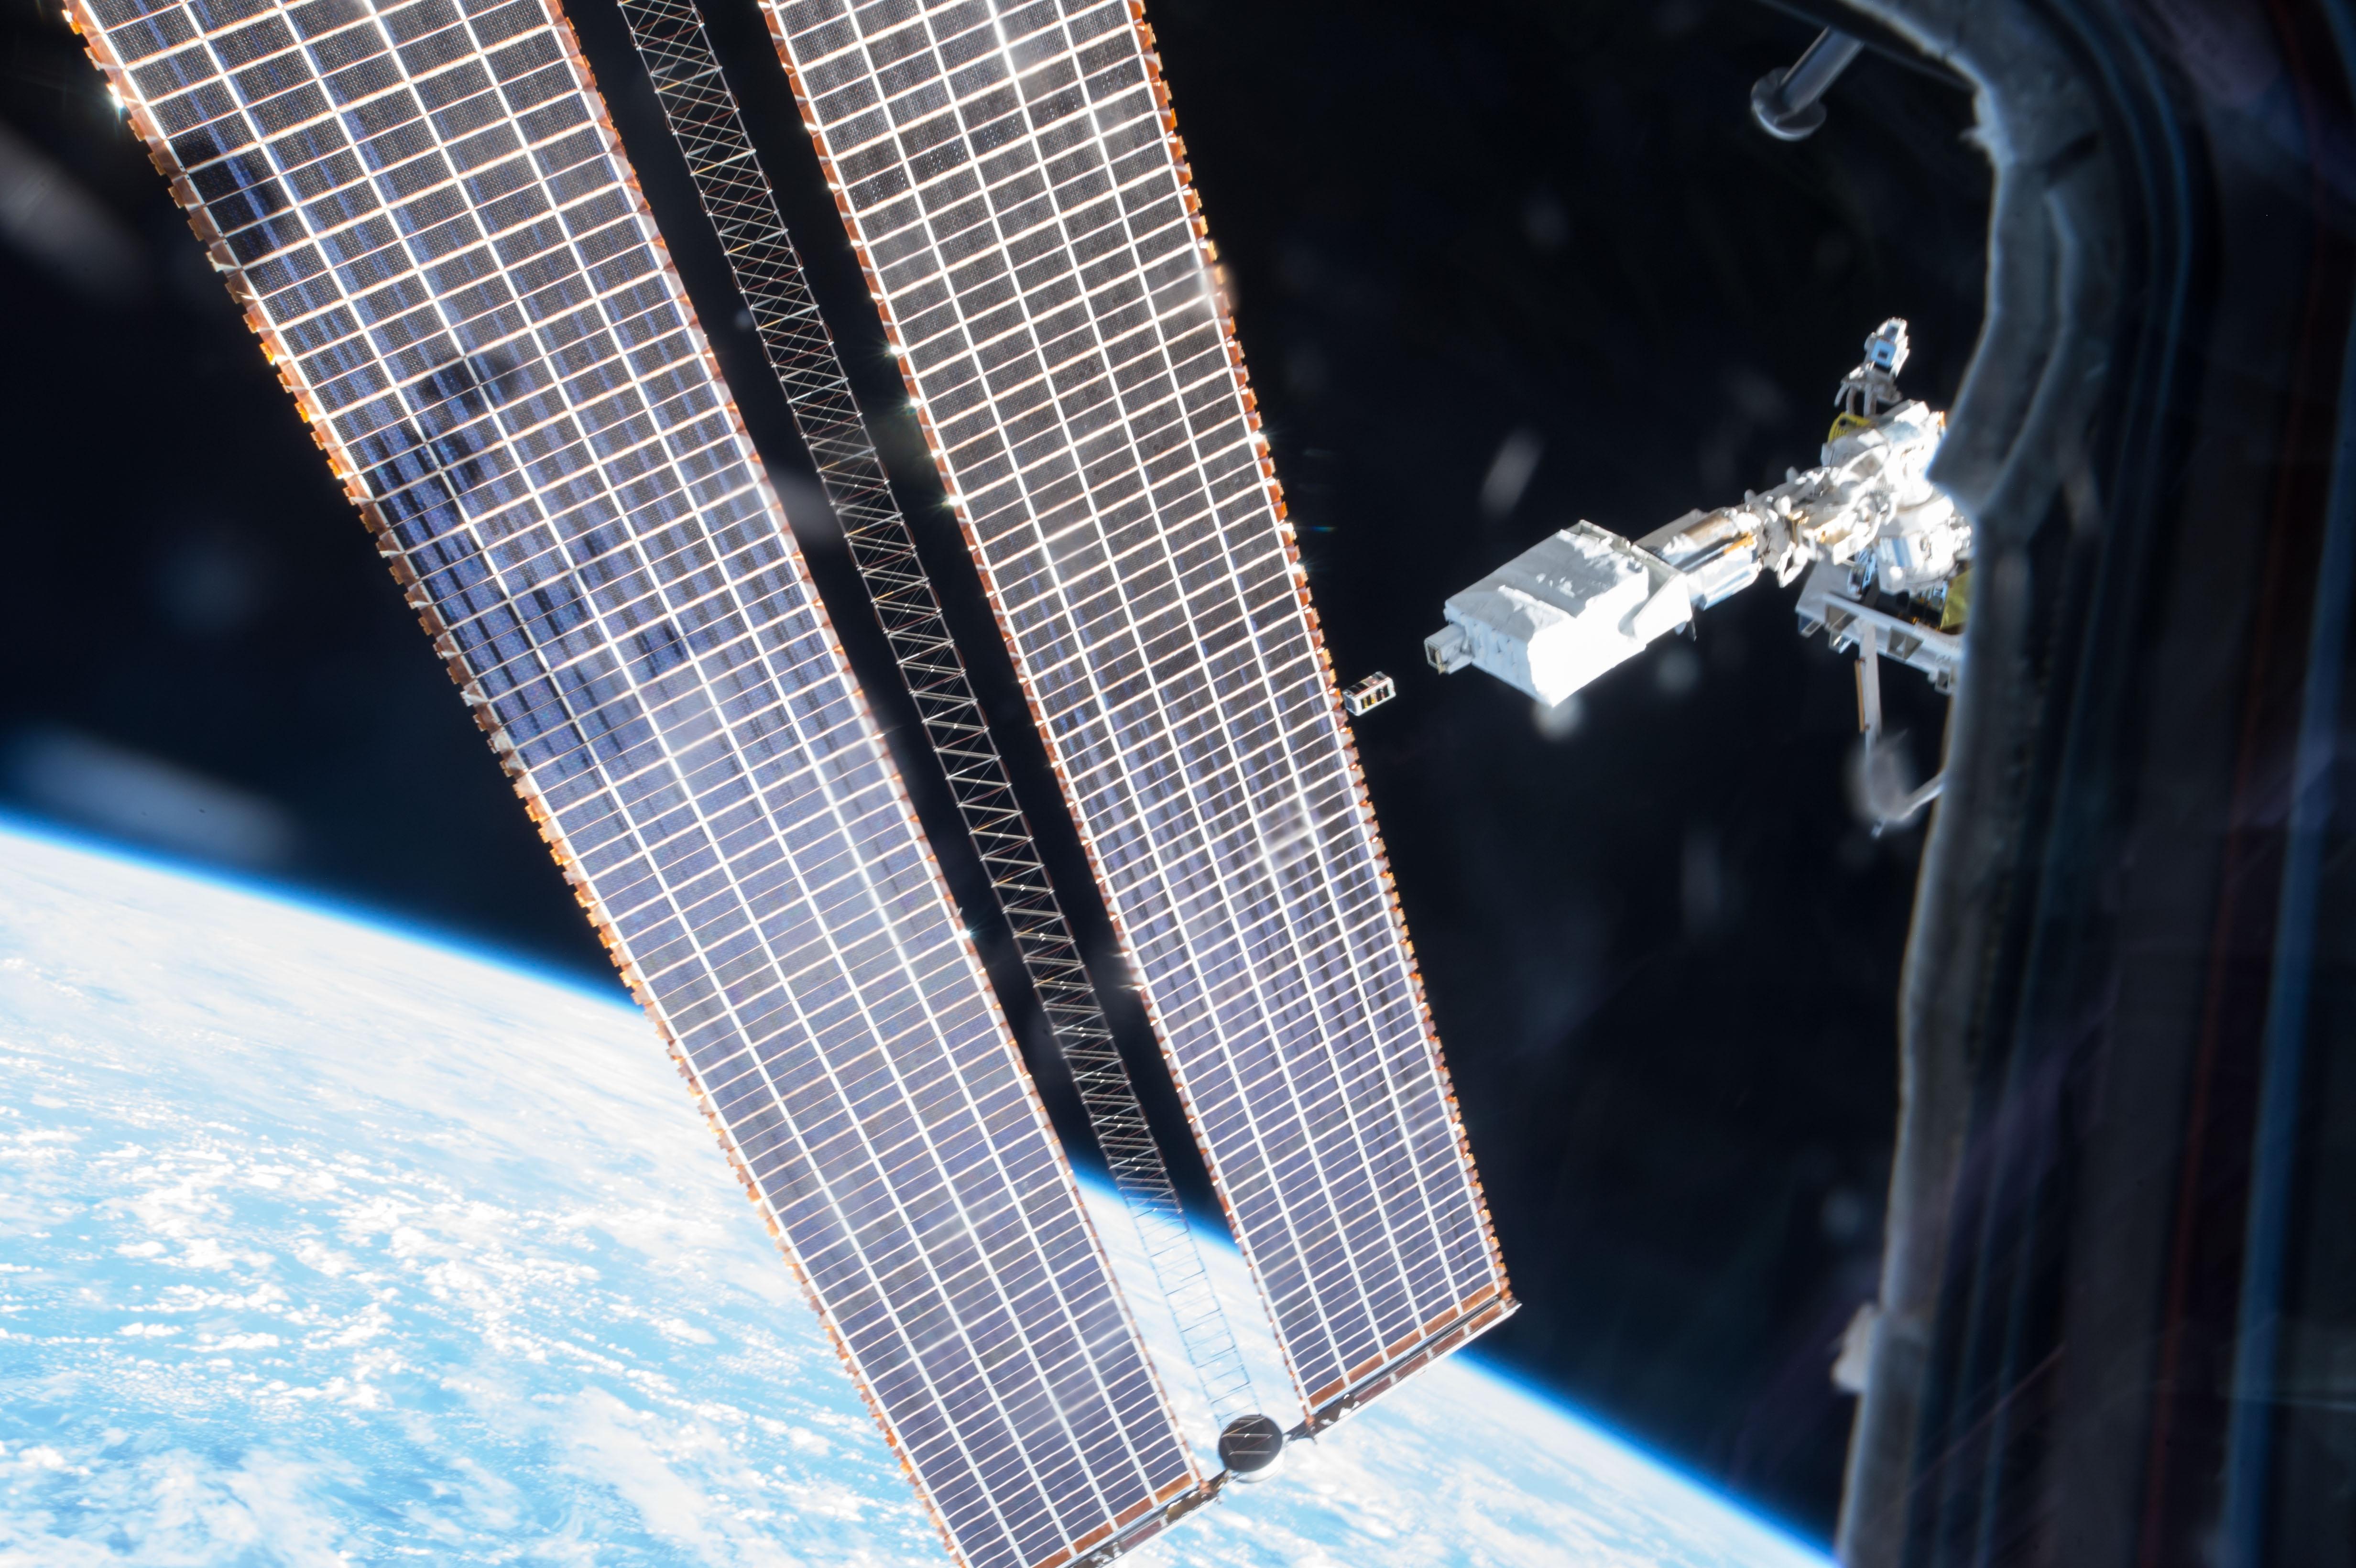 Lancement du nanosatellite STARS-C, 19 décembre 2016